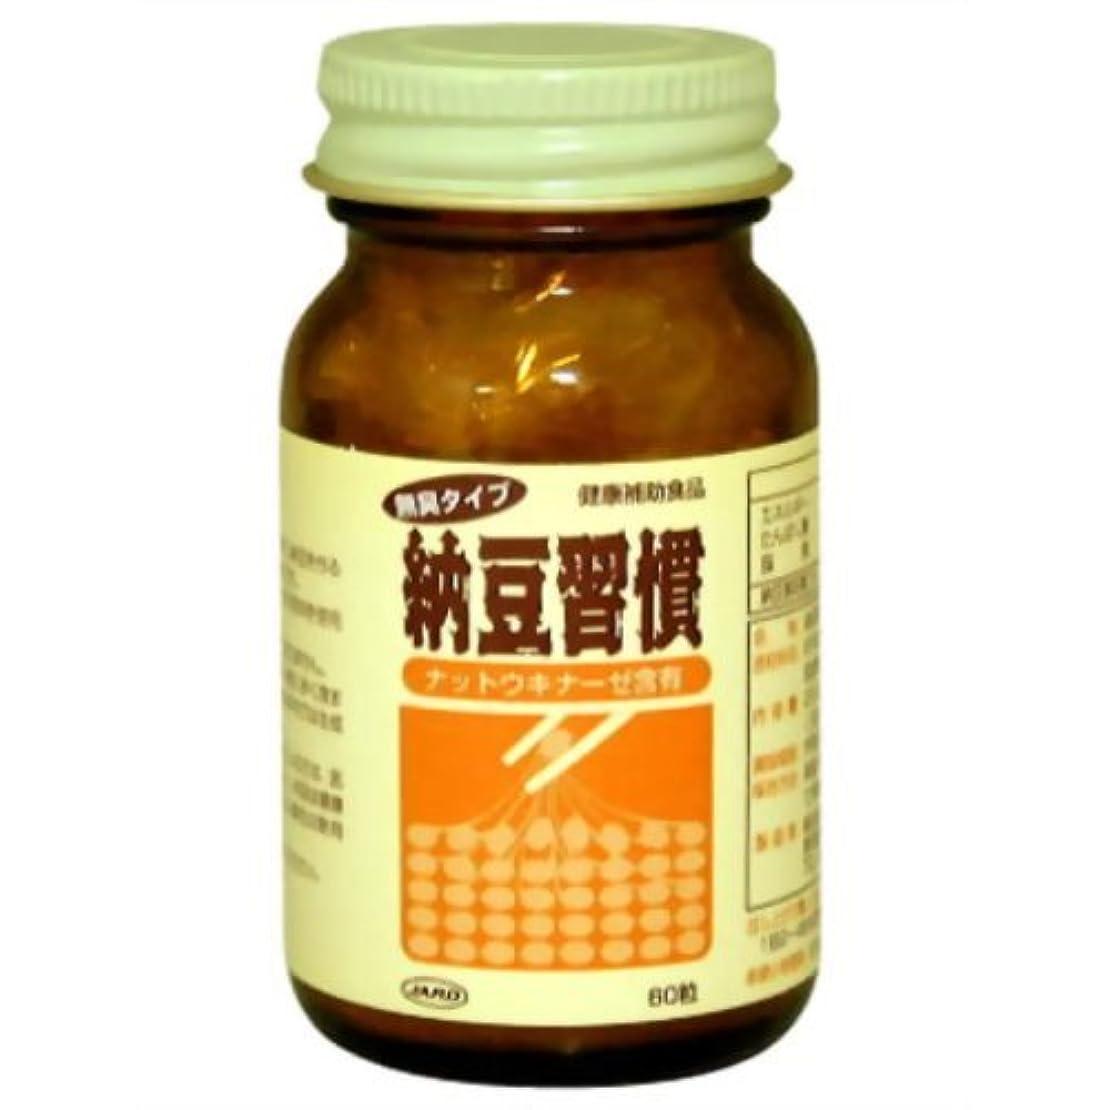 たくさん球状フェデレーション納豆習慣 ナットウキナーゼ含有